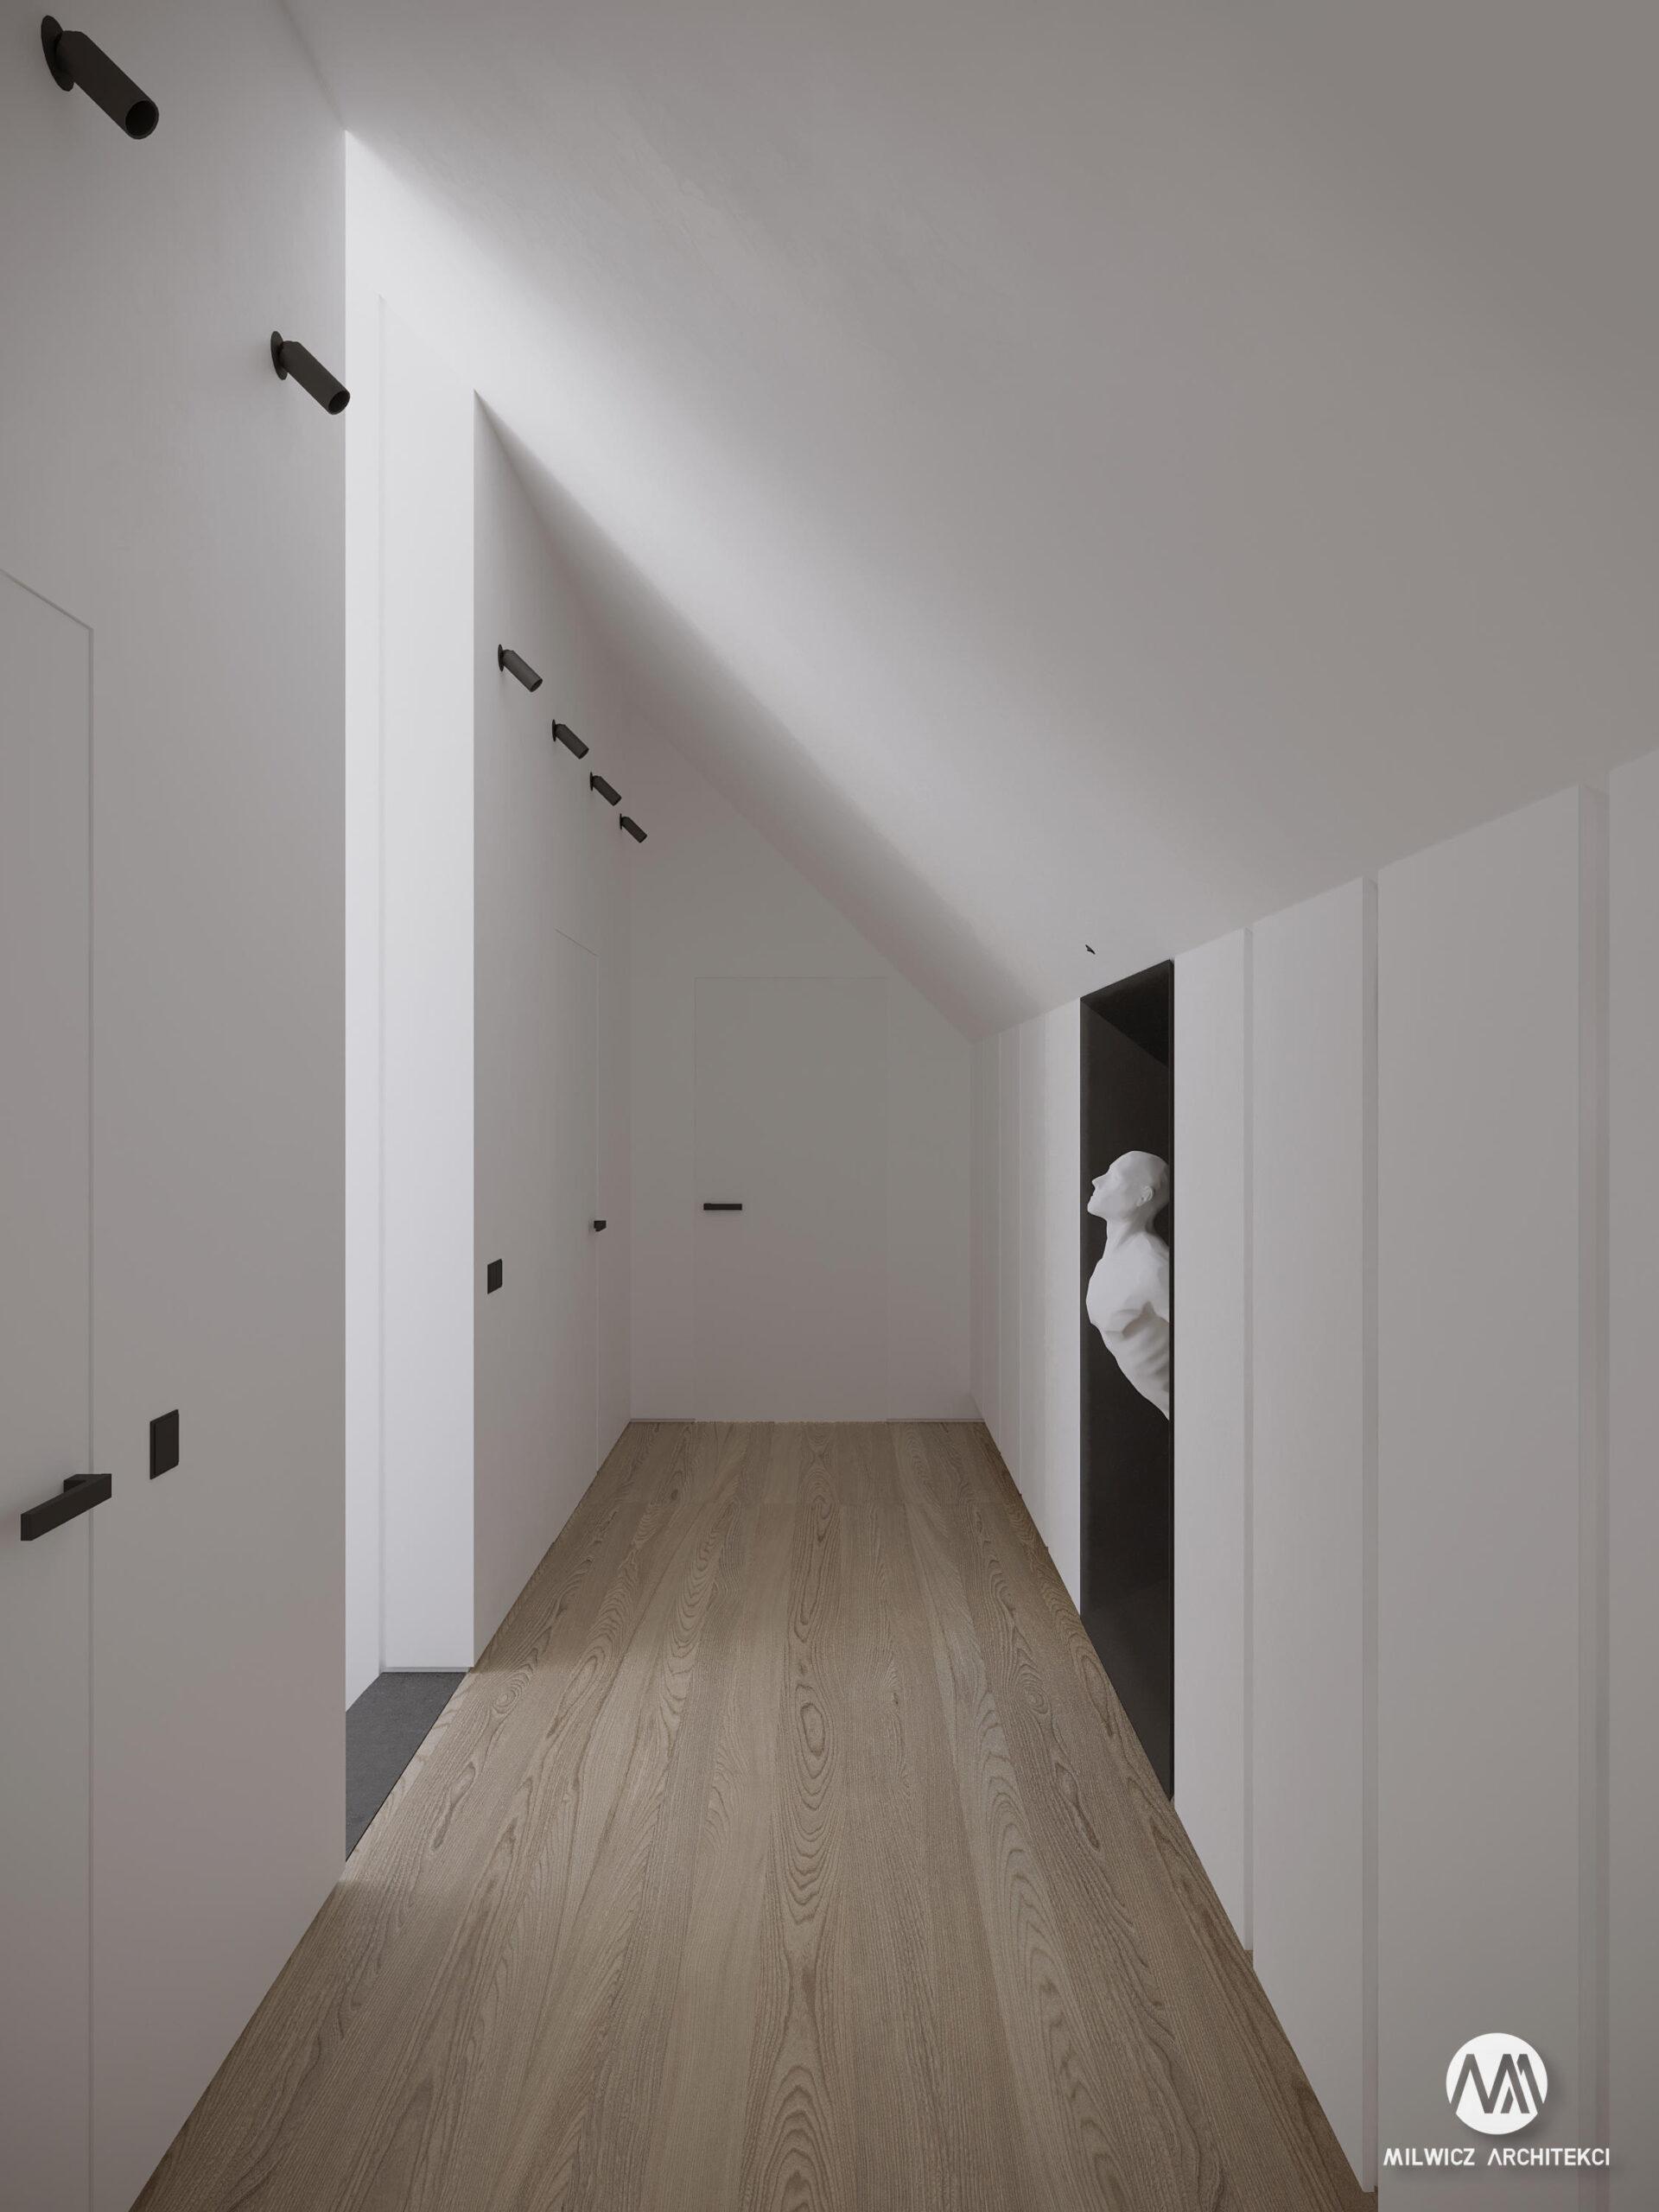 projekty indywidualne, projekty wnętrz, minimalizm, nowoczesne wnętrze, korytarz, rzeźba,